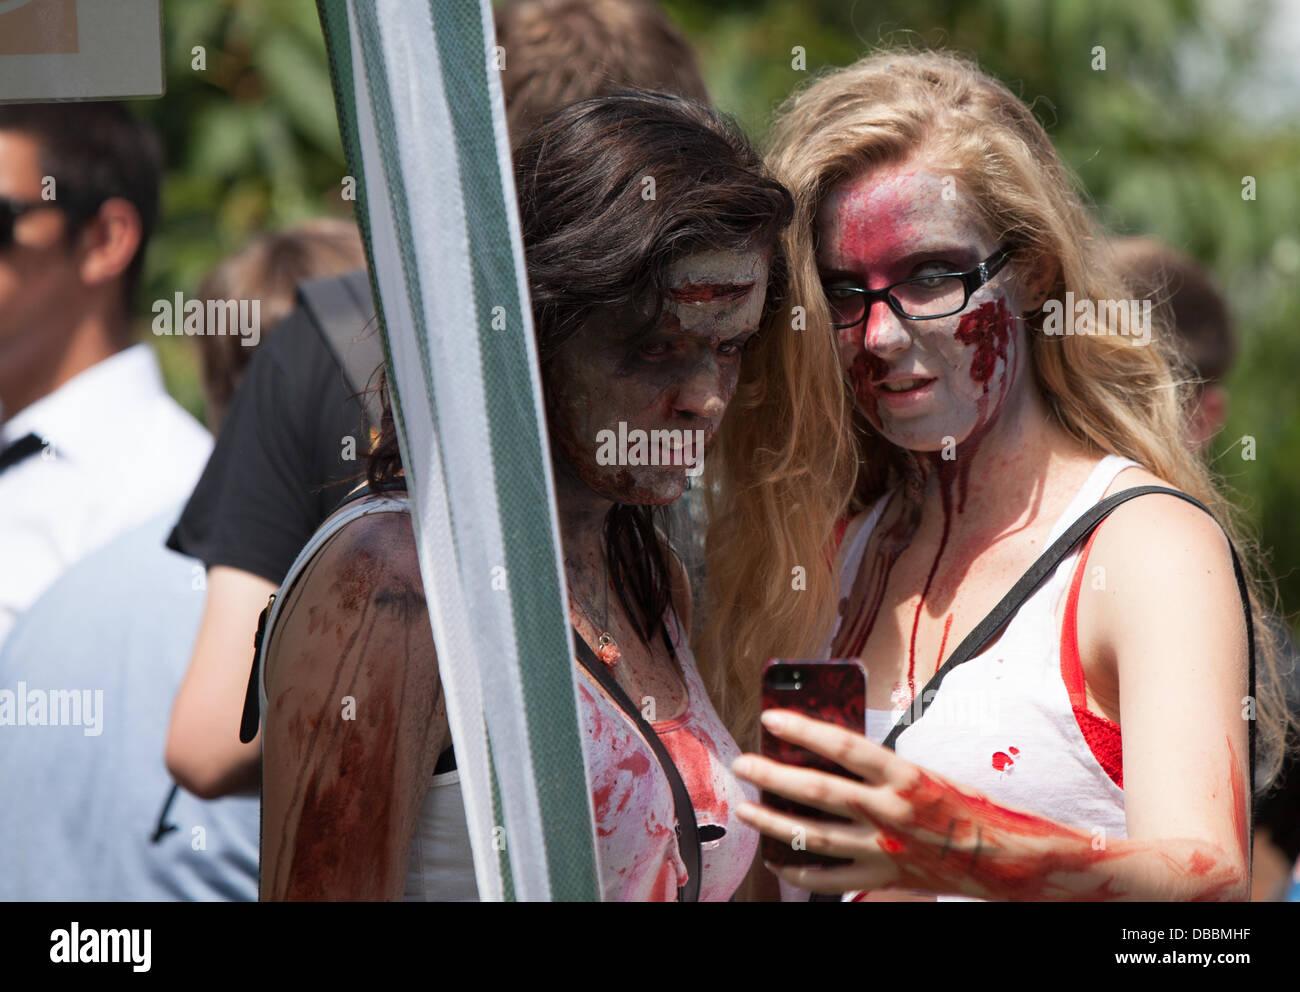 Birmingham, Vereinigtes Königreich. 27. Juli 2013. Tha jährliche Birmingham Zombie Walk nimmt Plaace in Stockbild